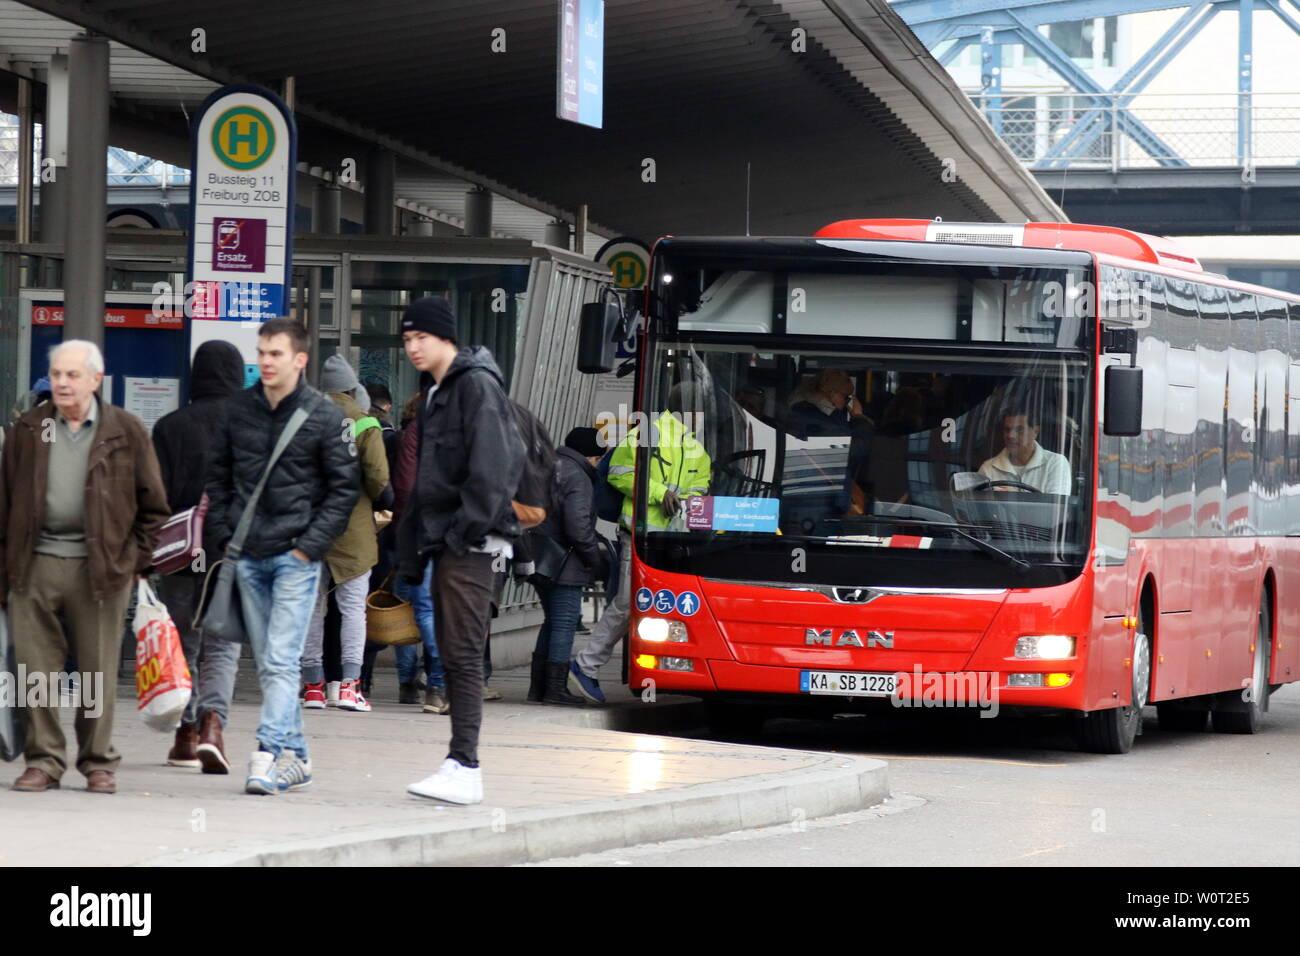 Reisende warten am Bahnsteig des Zentralen Omnibusbahnhof in Freiburg auf den Bus -    Seit  dem 1. März 2018 gilt auf der Höllentalbahn zwischen Freiburg/Brsg. und Titisee-Neustadt/Seebrugg Schienenersatzverkehr (SEV). Alle Reisenden müssen auf Busse ausweichen oder vom Hochschwarzwald aus im PKW die Anreise in den Breisgau vornehmen. Die Streckensperrung dauert volle acht Monate und wird zwischen Freiburg und Titisee-Neustadt/Seebrugg erst zum 31. Oktober 2018 aufgehoben. In Freiburg werden Pendler und Fernreisende auf großen Hinweistafeln auf den Schienenersatzverkehr hingewiesen. Stock Photo